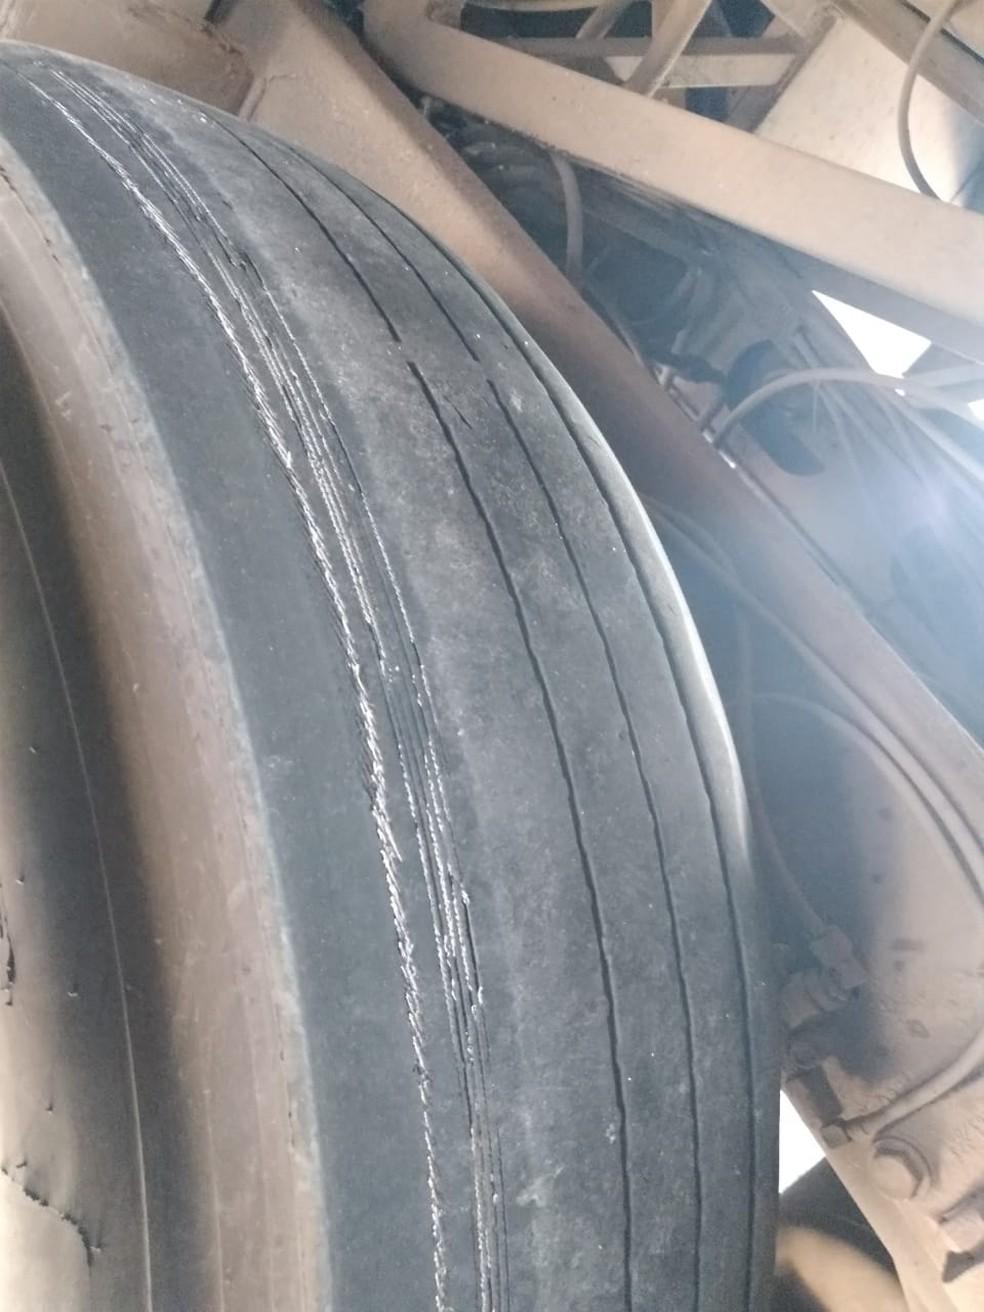 Pneu careca com arames expostos de um dos ônibus apreendidos pela ANTT em São Sebastião, Alagoas — Foto: ANTT